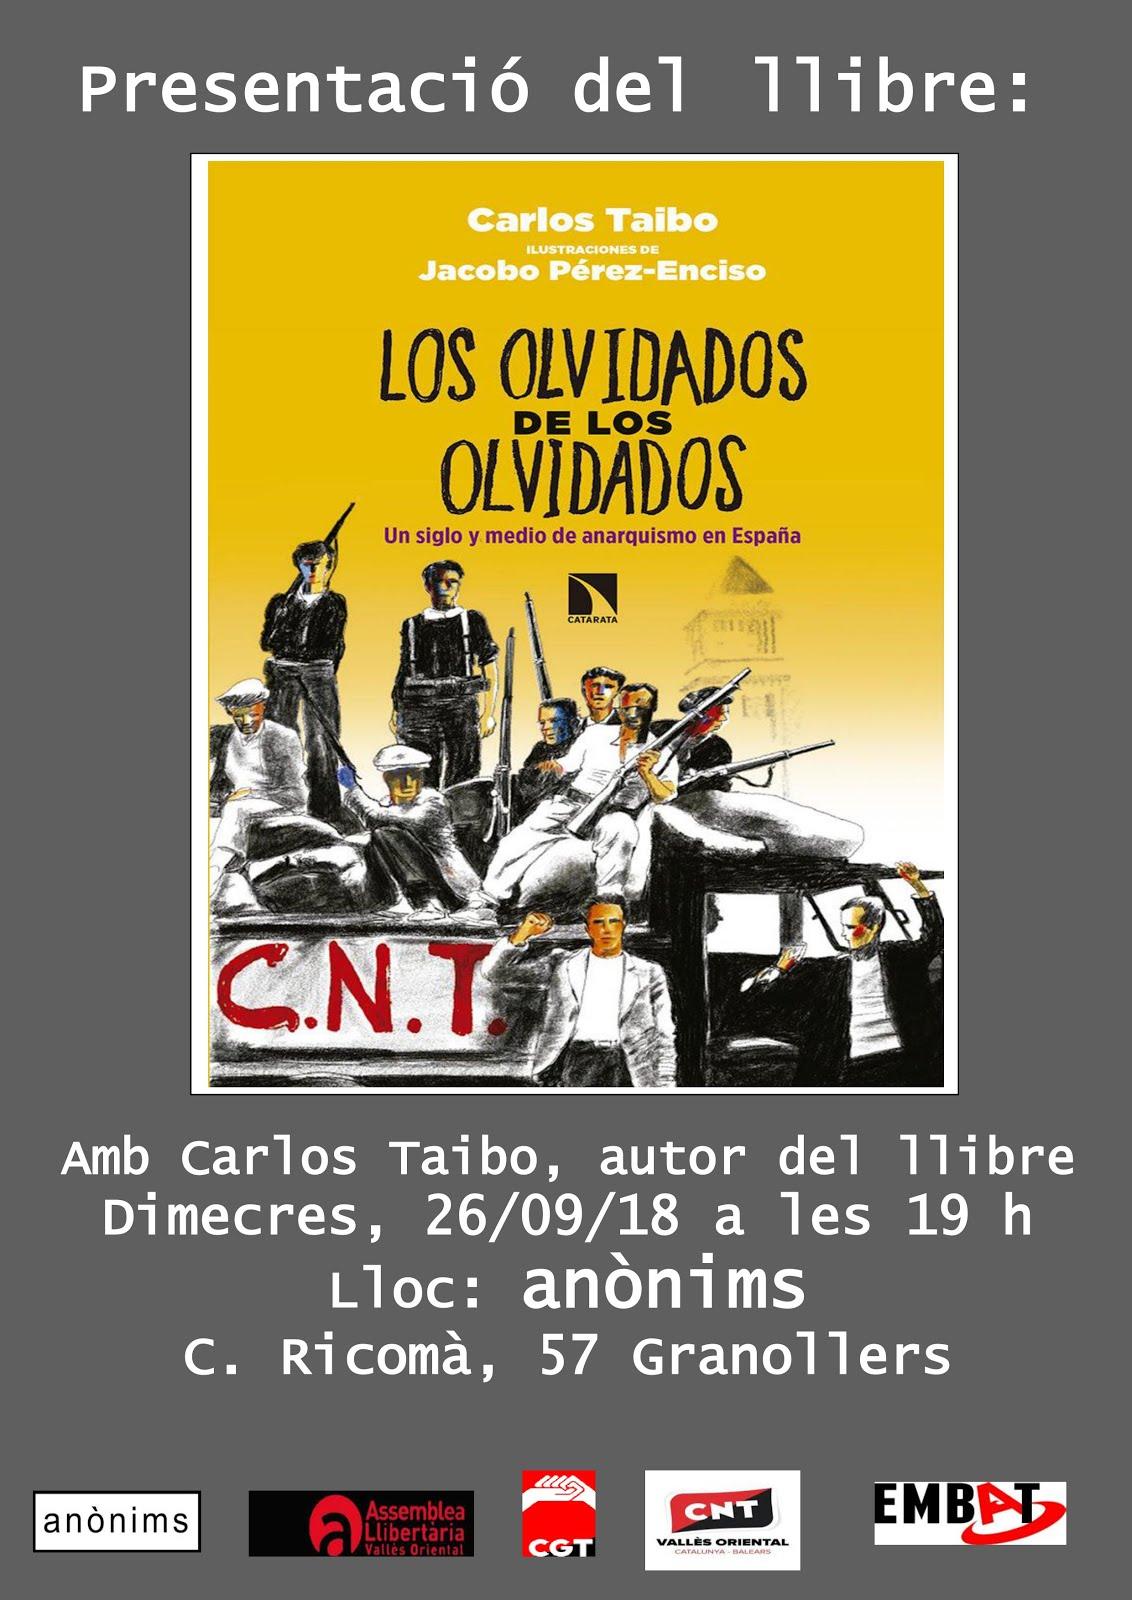 Presentació del llibre: Los olvidados de los olvidados Un siglo y medio de anarquismo en España.